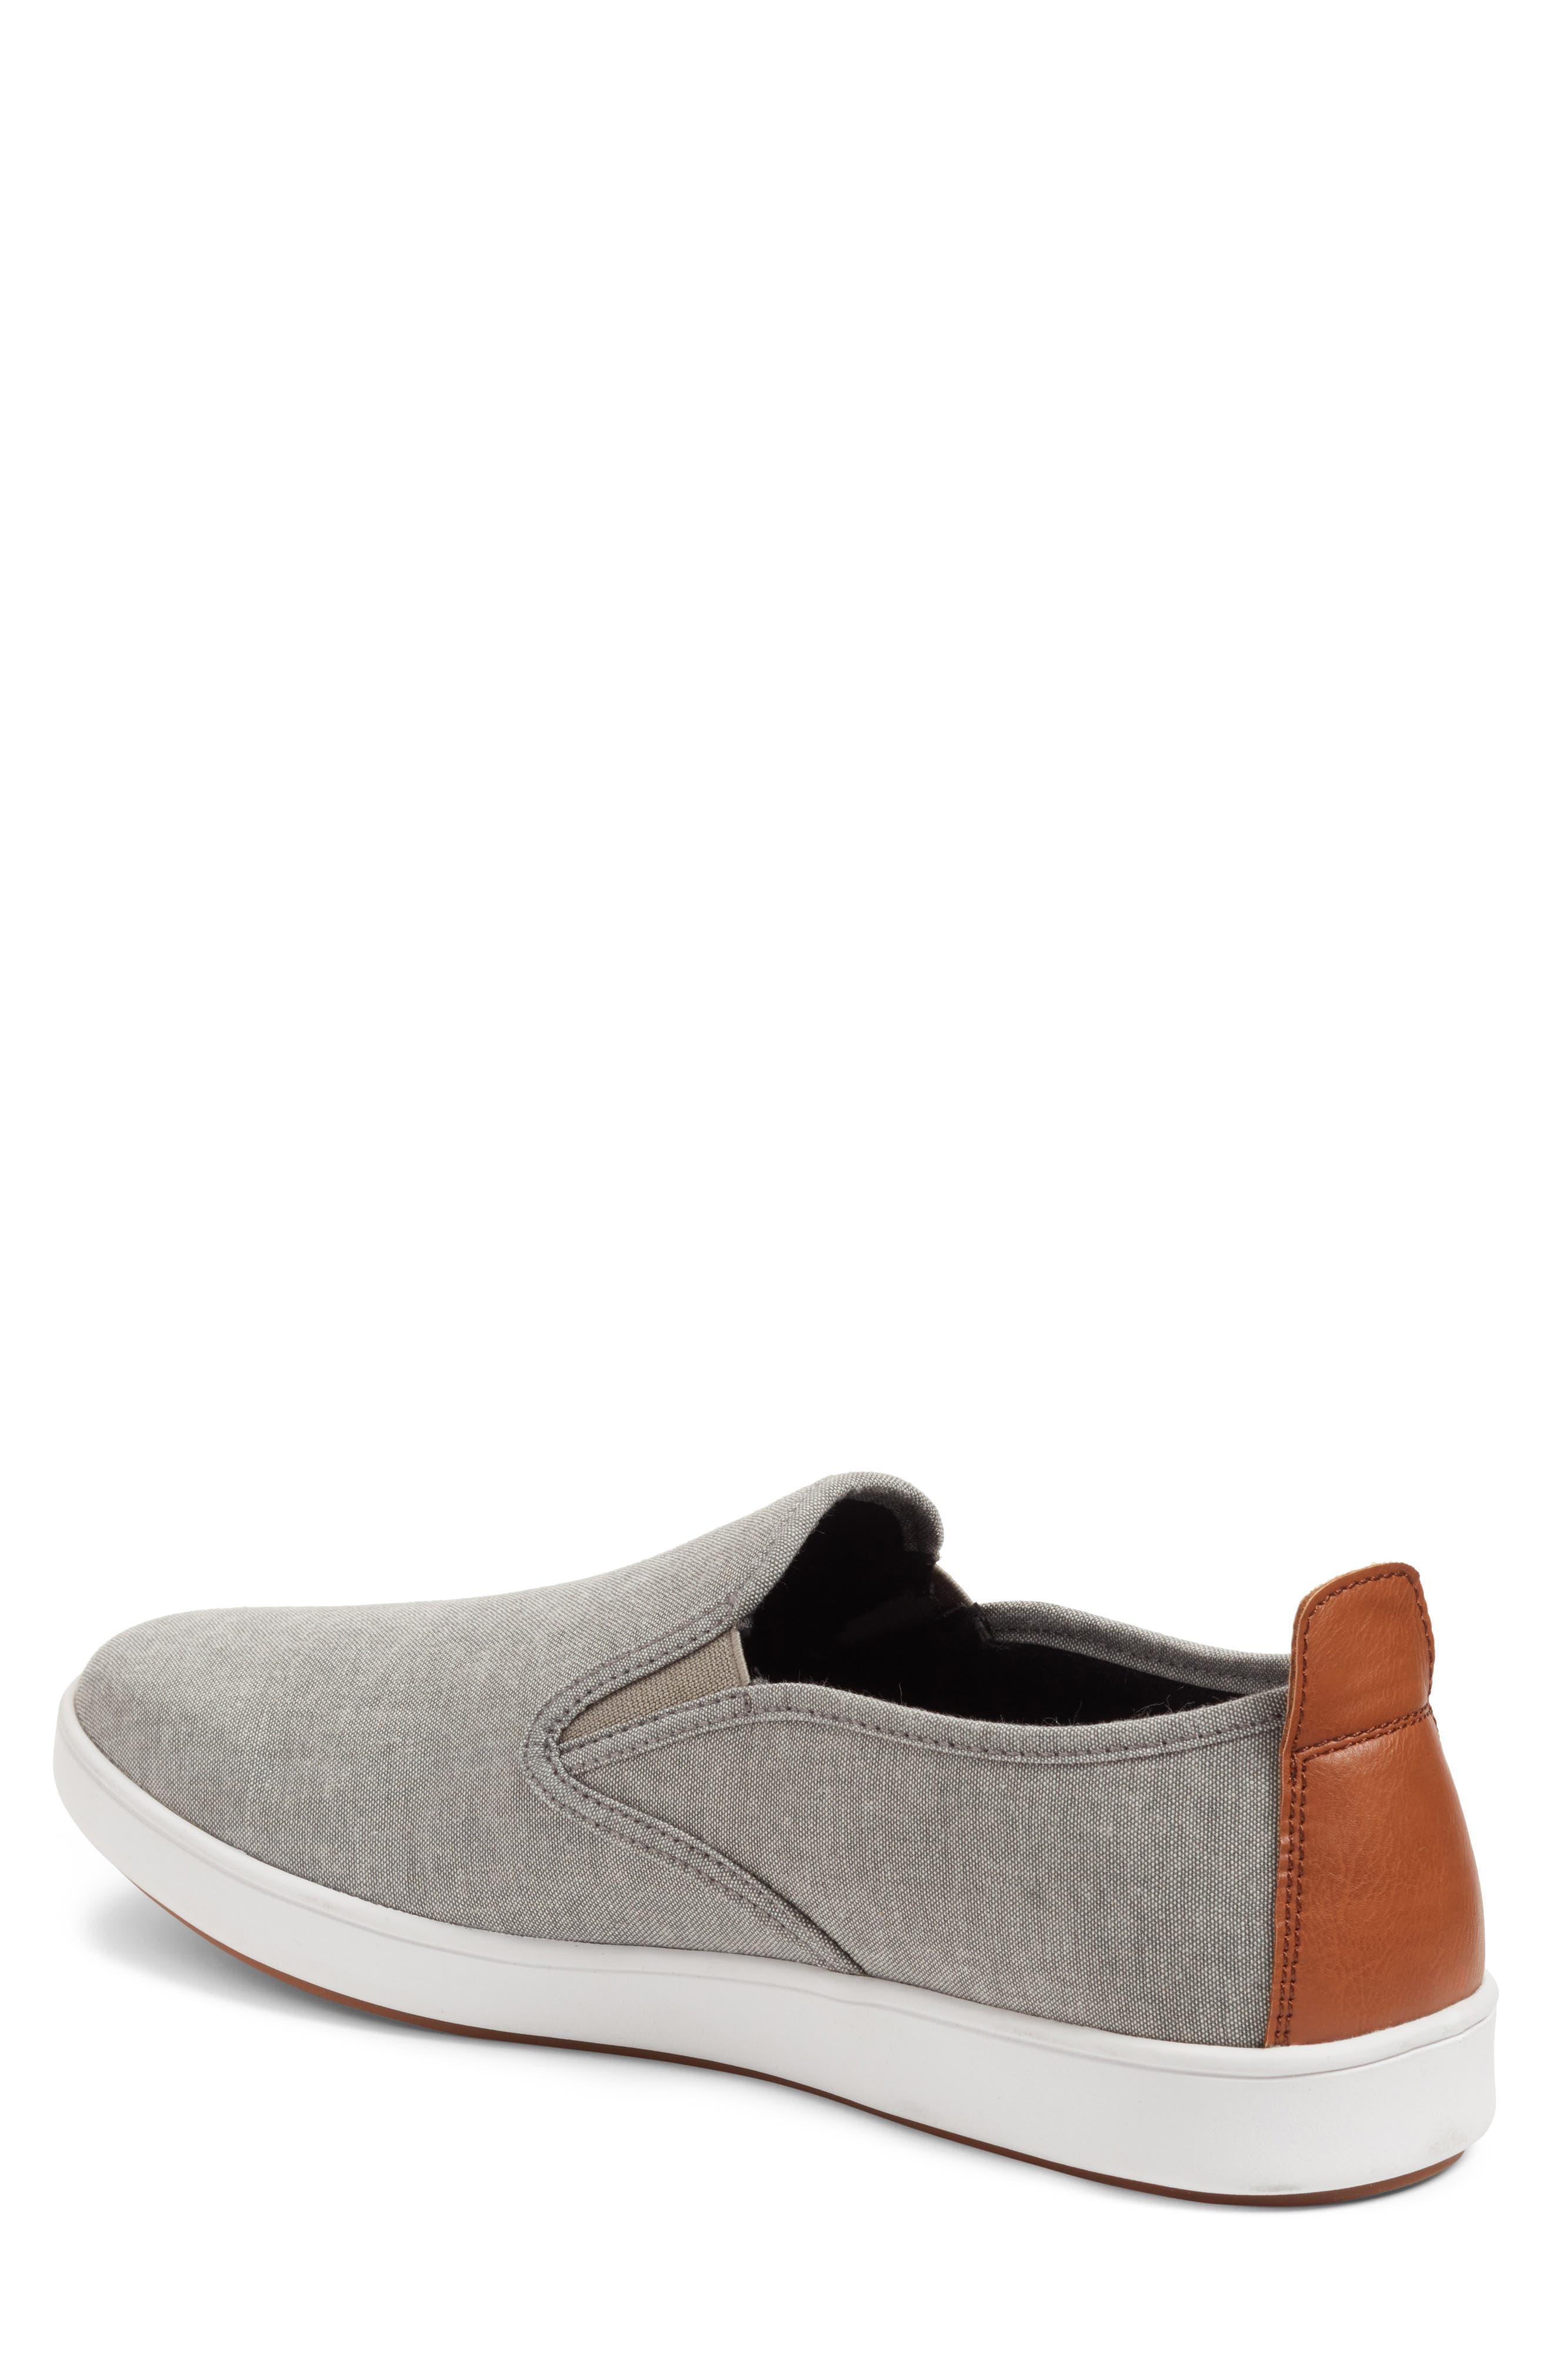 Felix Slip-On Sneaker,                             Alternate thumbnail 2, color,                             Grey